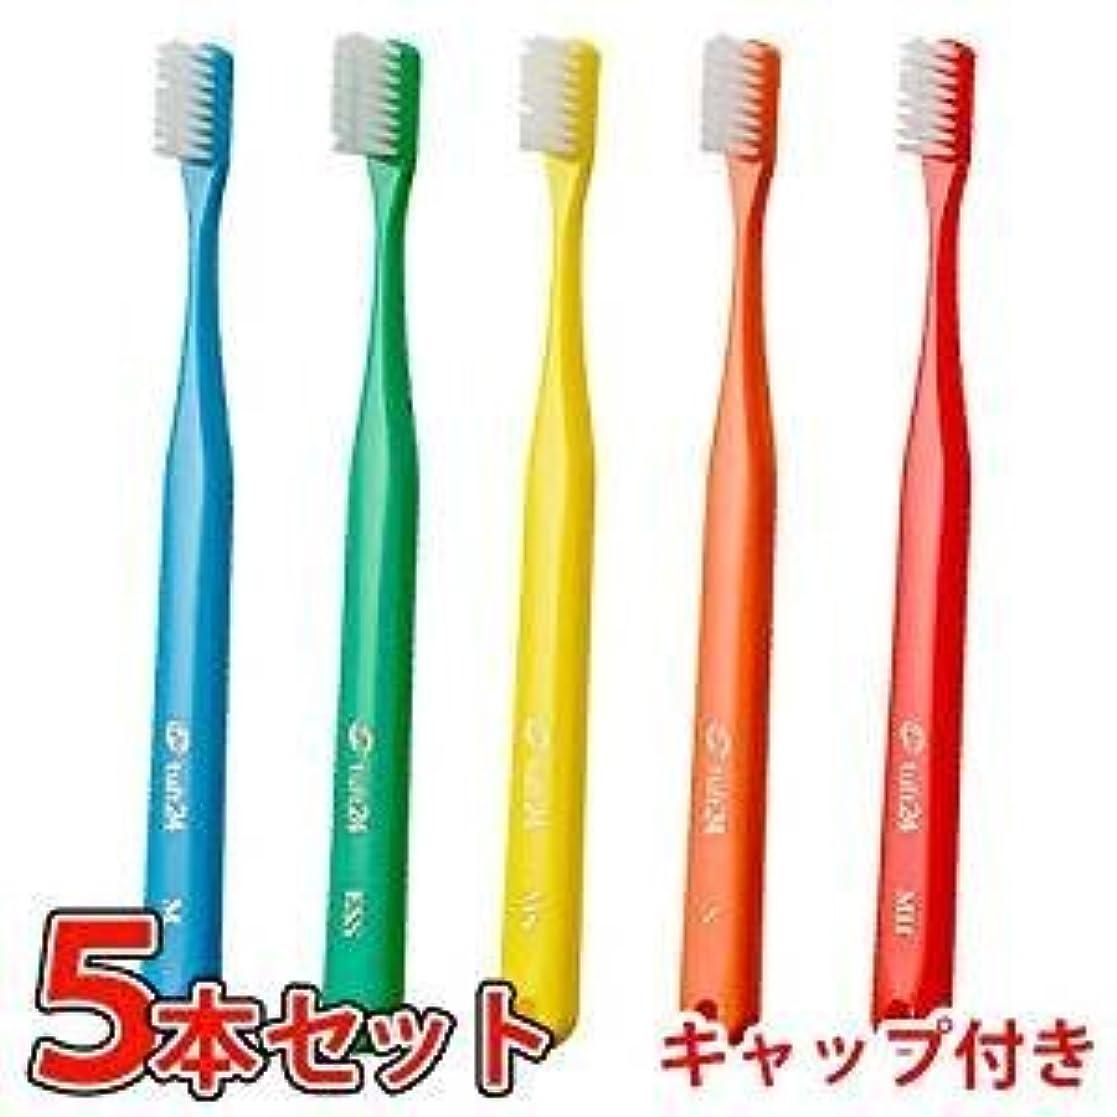 紫の訴える対象【キャップ付き】タフト24歯ブラシ×5本入 アソート (S(ソフト))